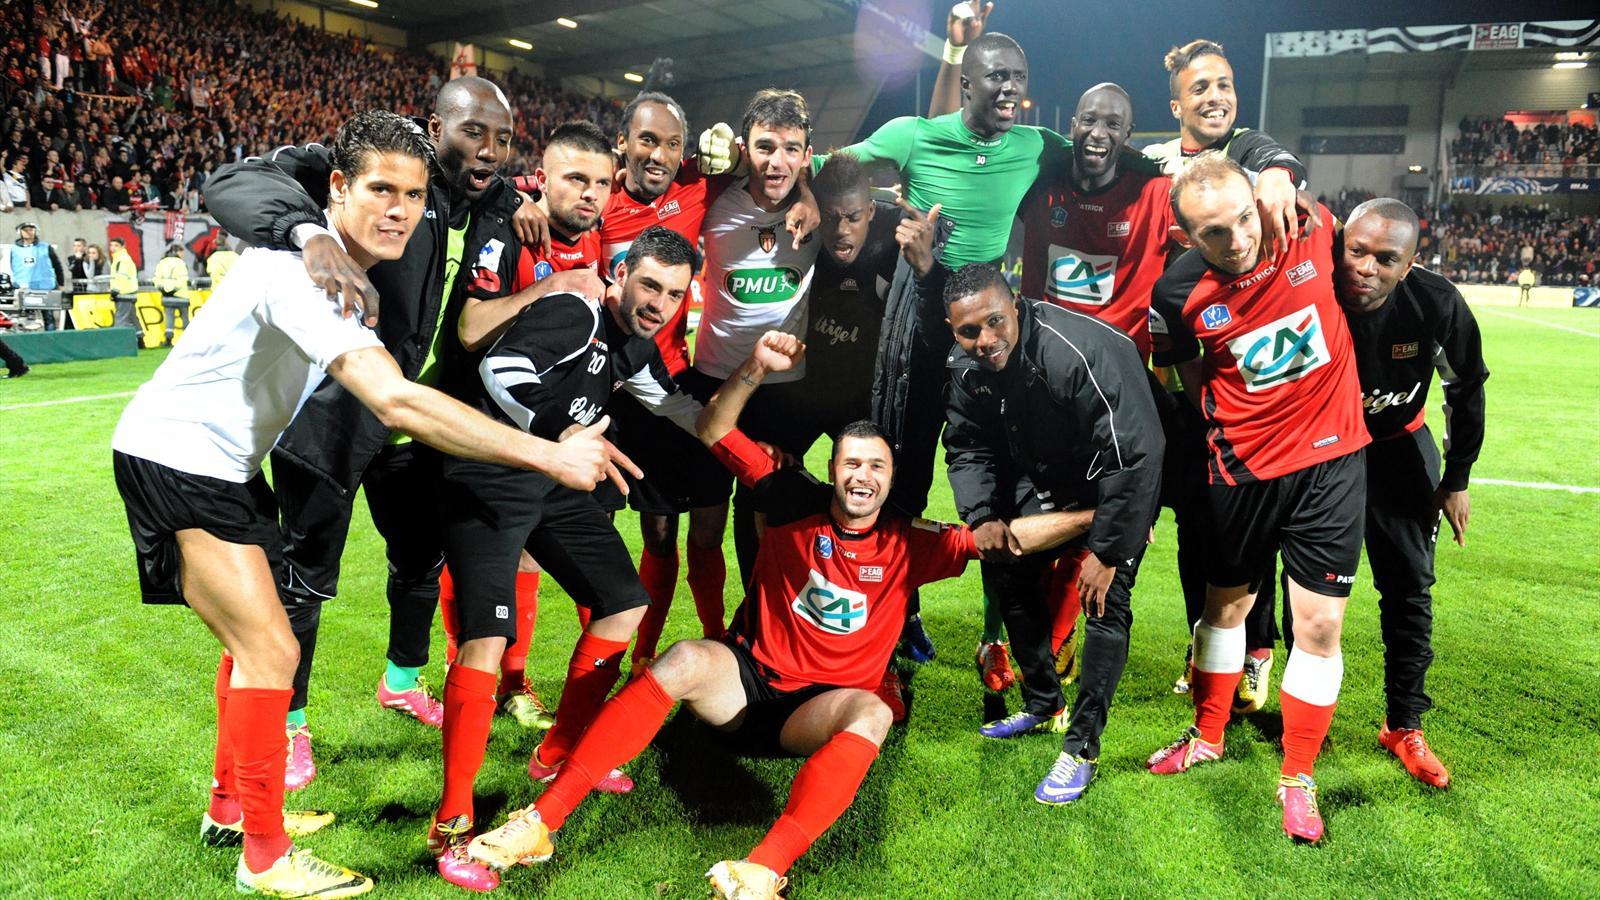 Coupe de france guingamp limine monaco 3 1 ap et d fiera rennes en finale coupe de - Coupe de france football calendrier ...